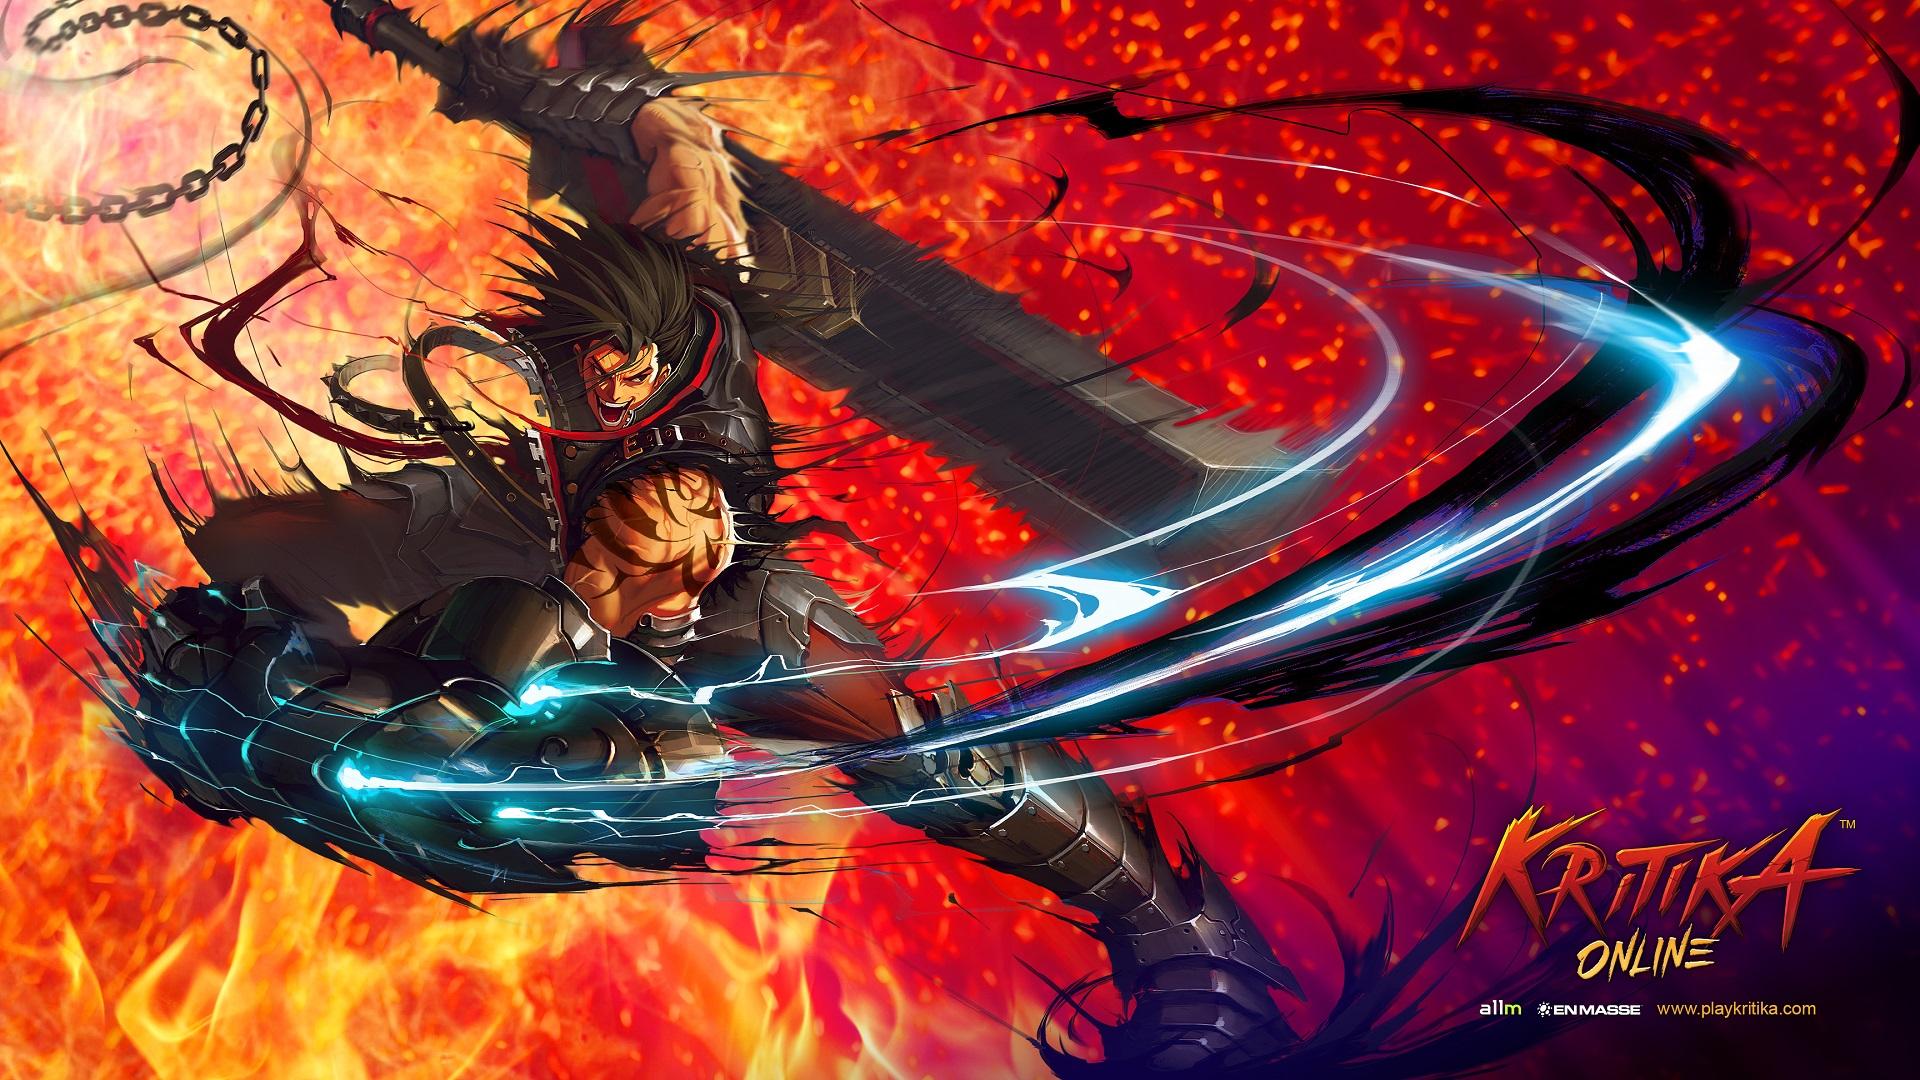 Kritika Online im Anspiel-Test: Was kann das neue Anime-MMO?